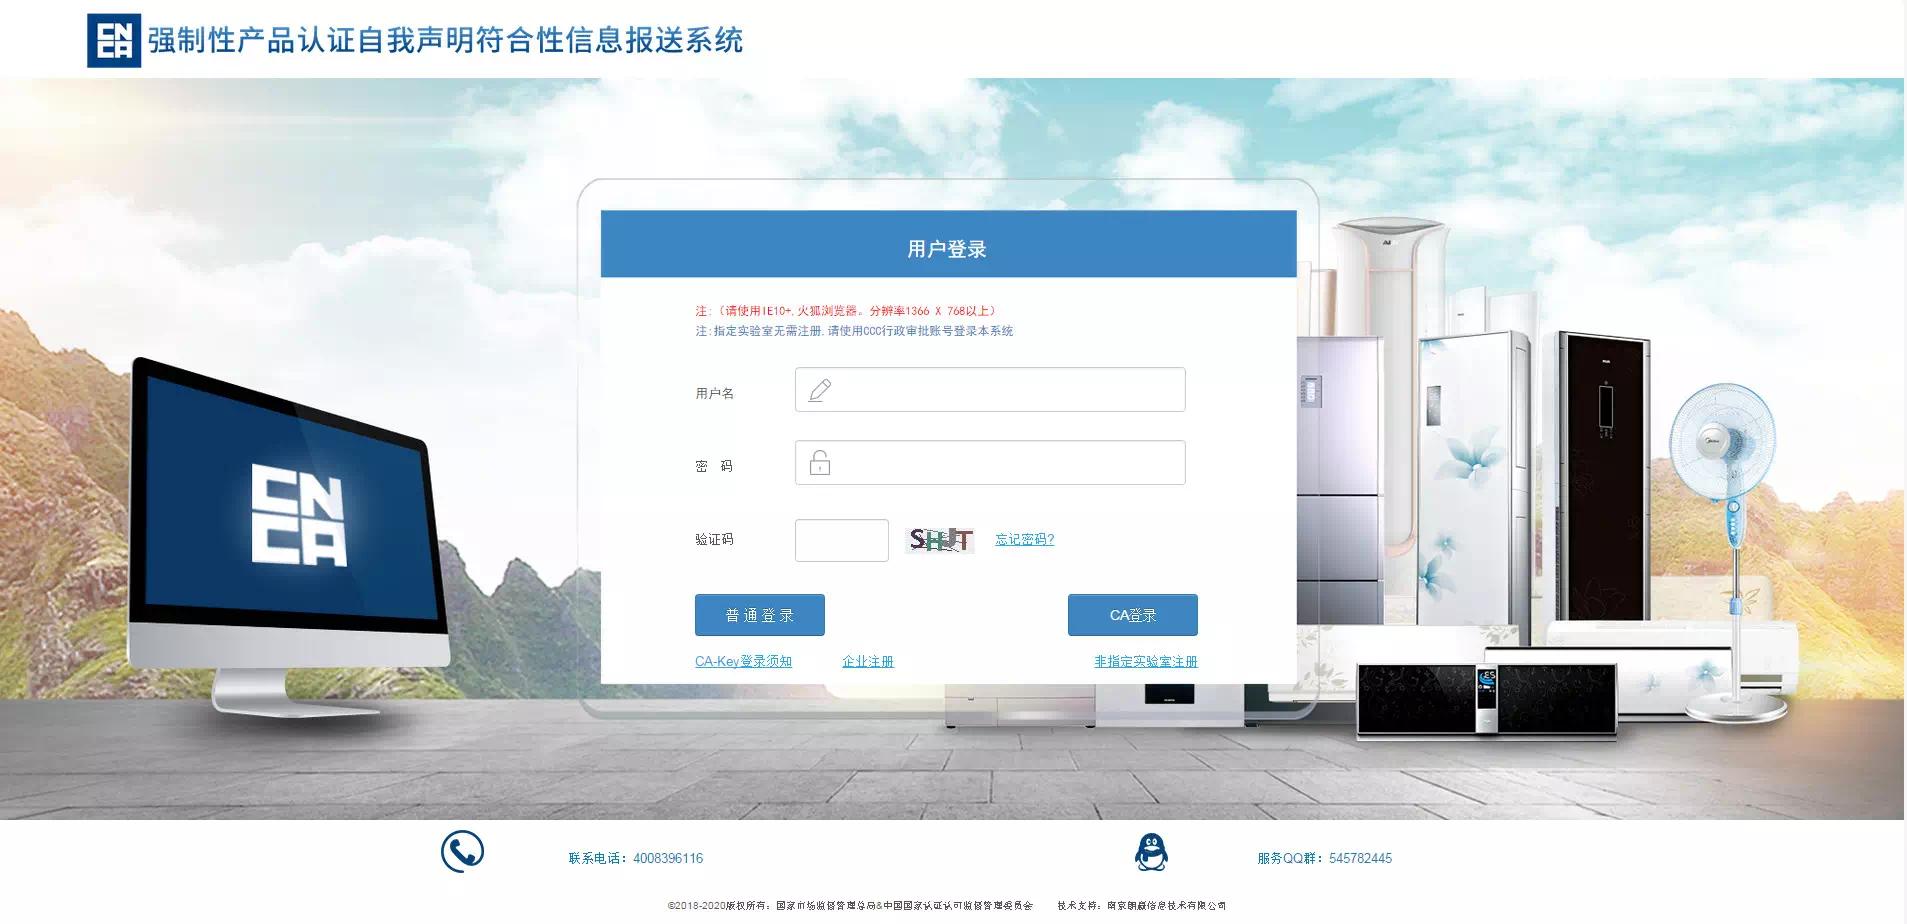 Ny Kina CCC sertifiseringsprosedyre implementert